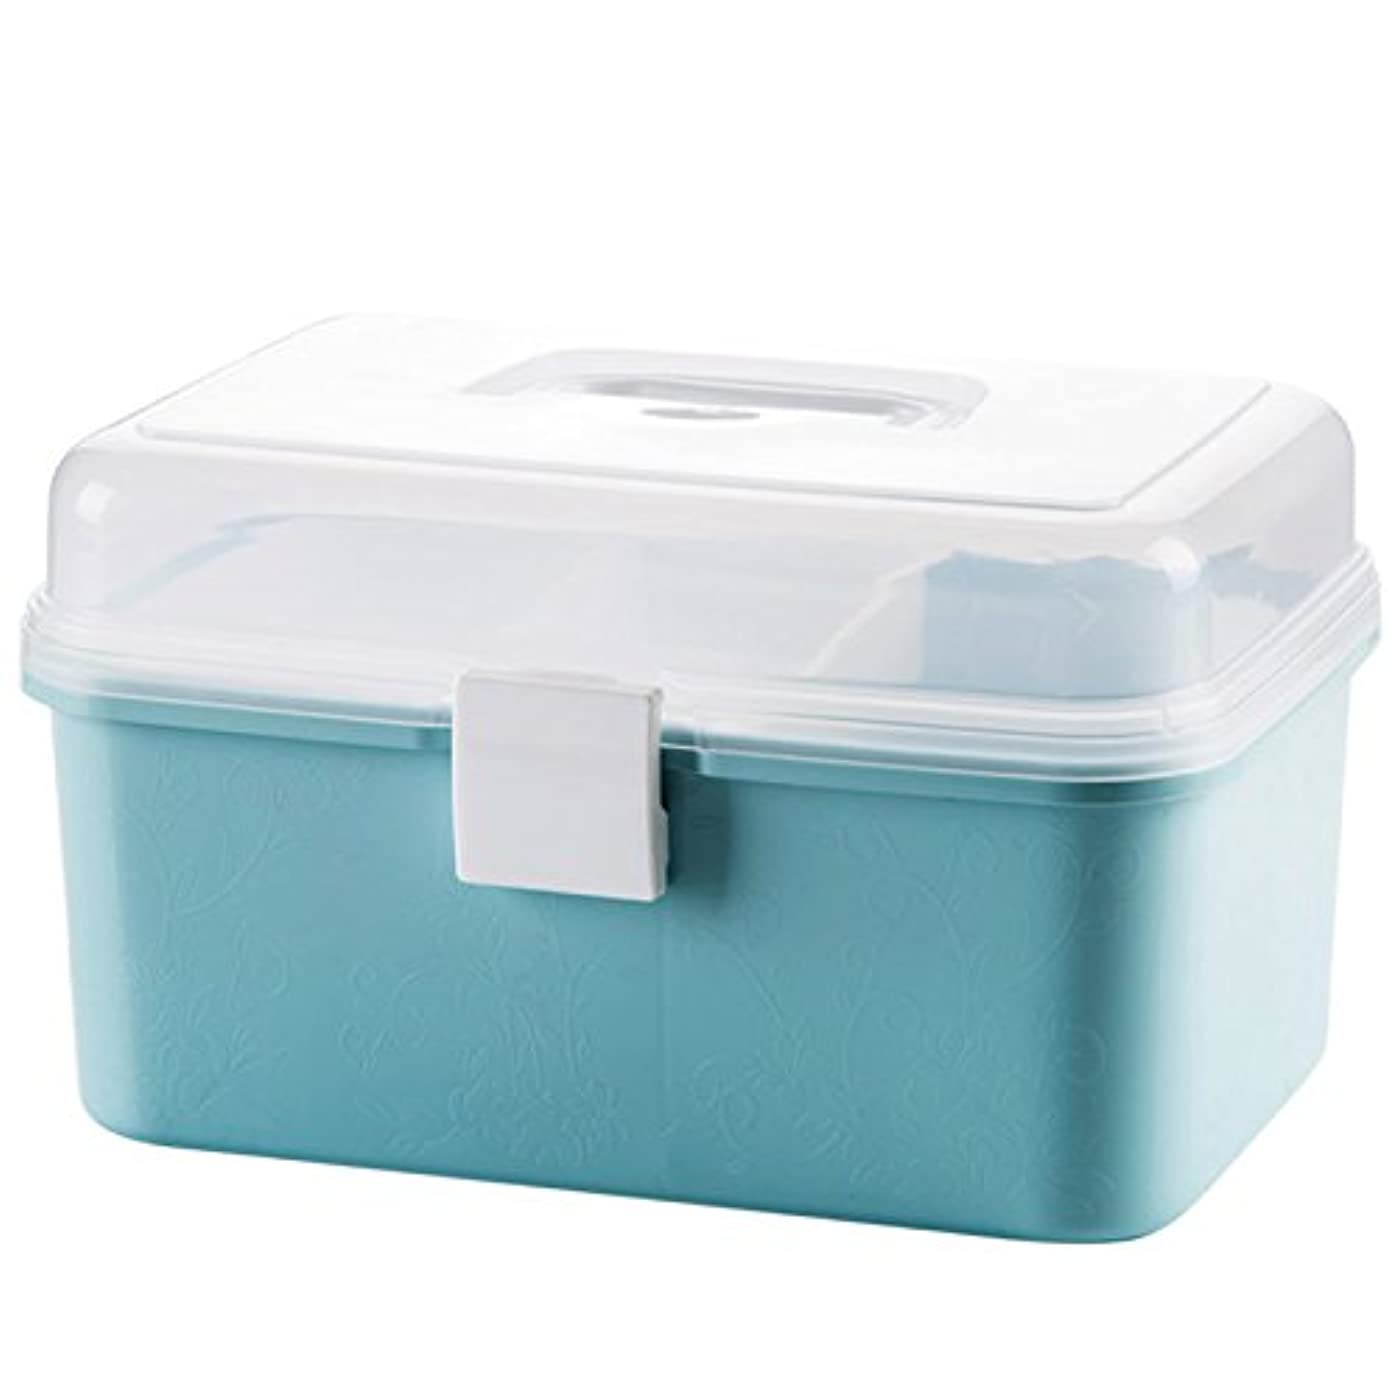 小道悪意のある私たち自身KINGZUO 救急ボックス 2段 応急処置ボックス 救急箱 収納ケース 家庭用 プラスチック ライトブルー クリア